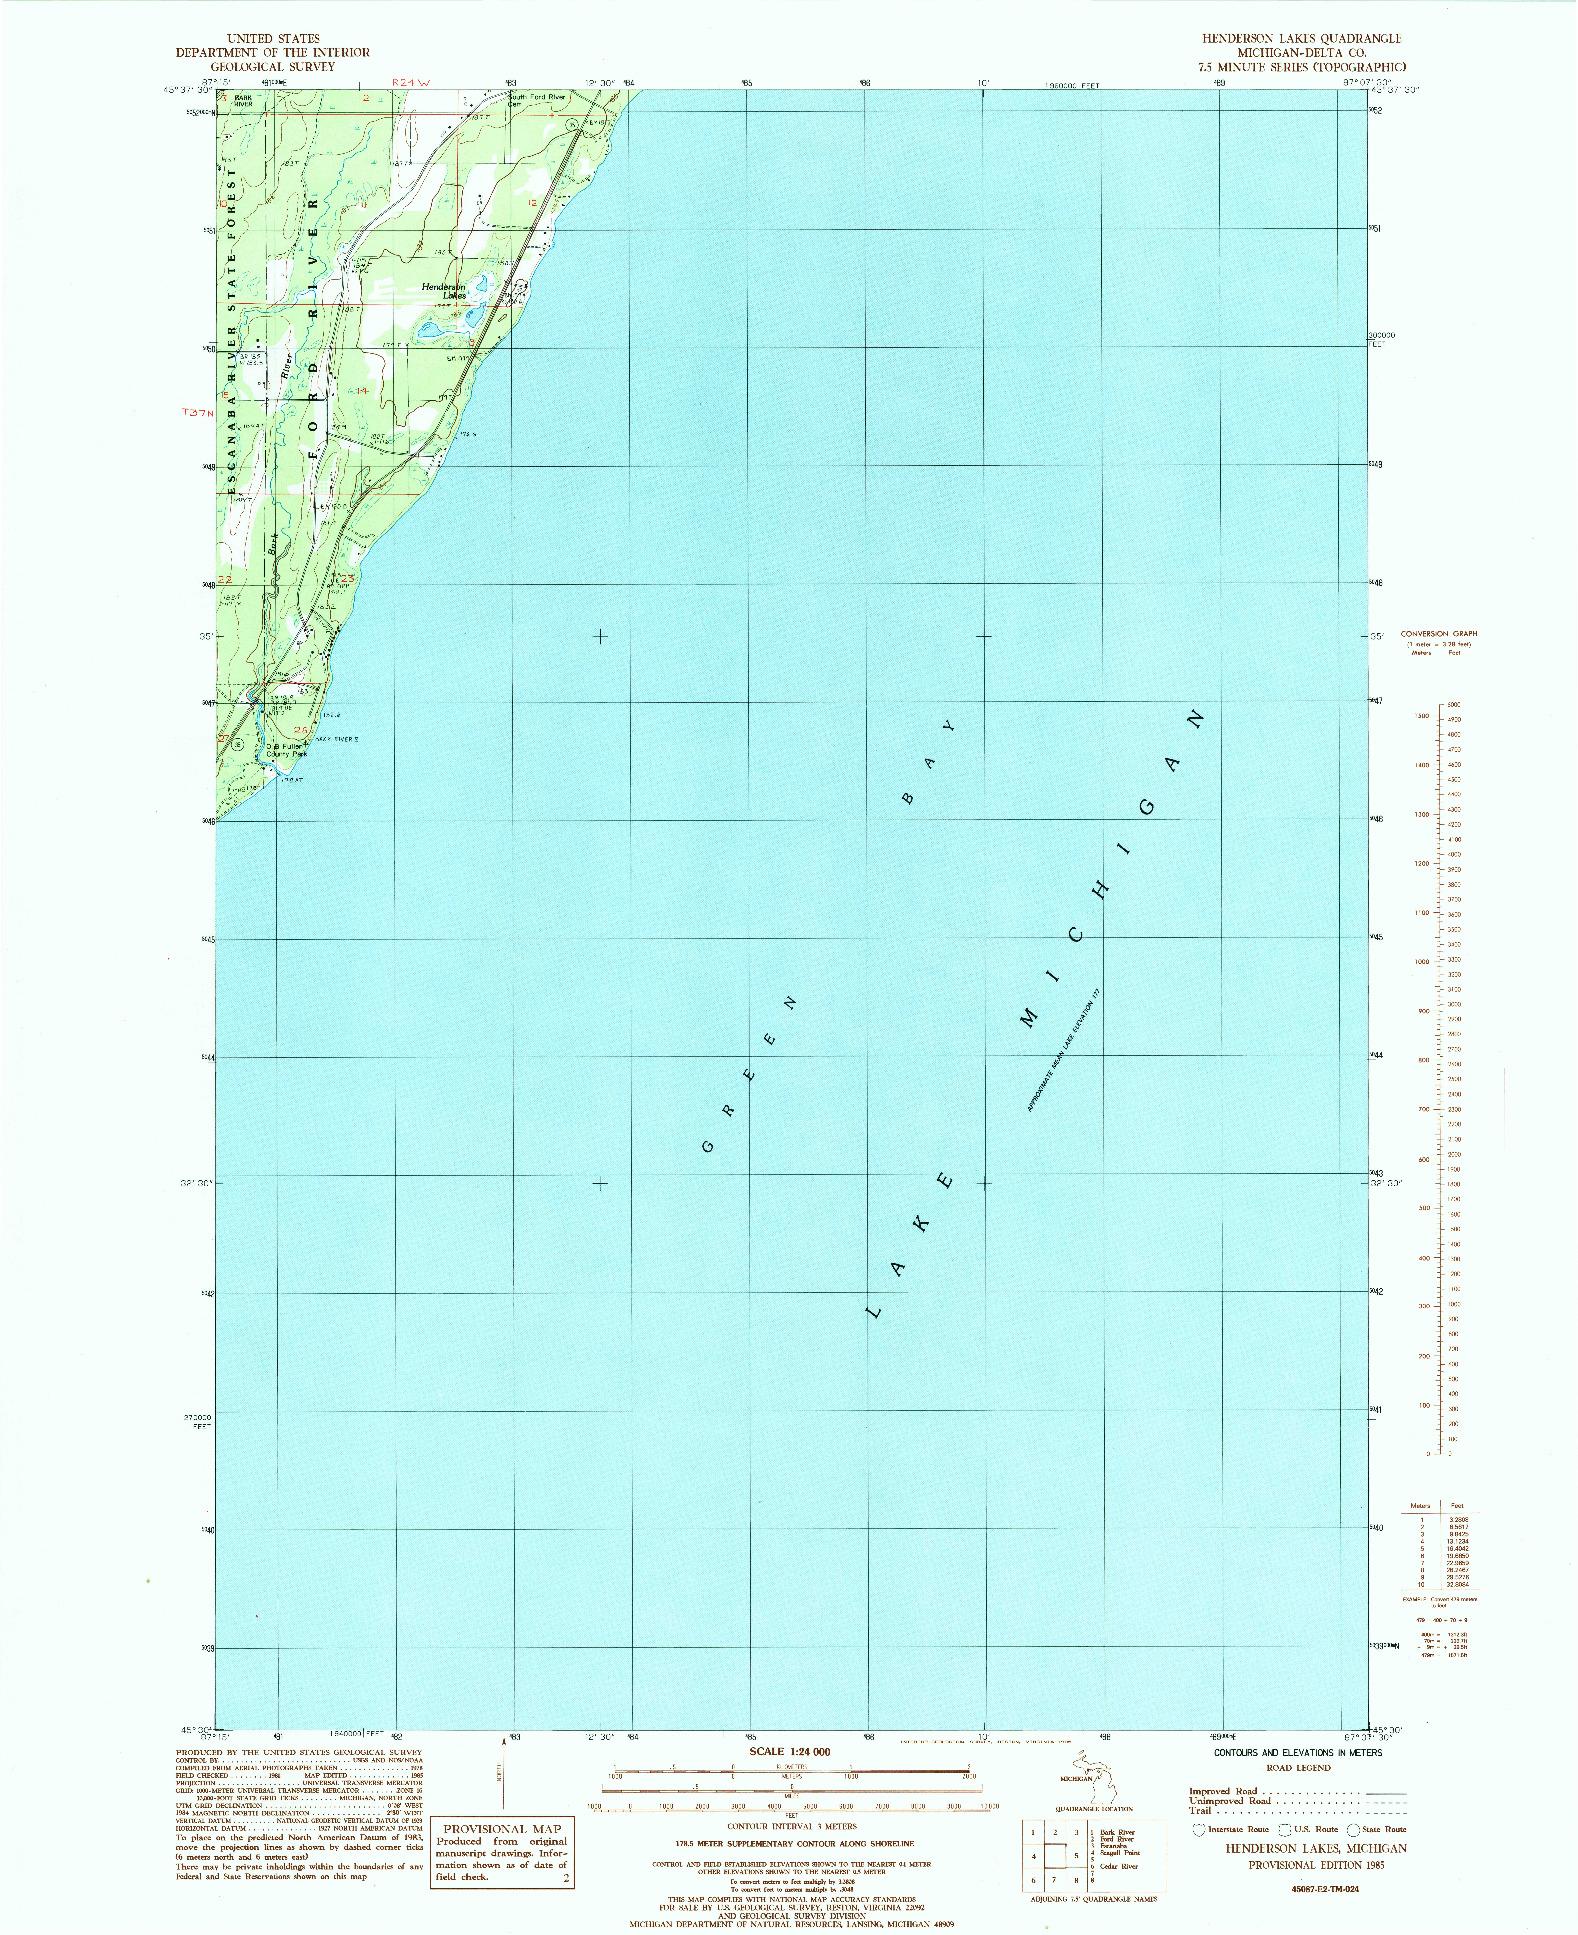 USGS 1:24000-SCALE QUADRANGLE FOR HENDERSON LAKES, MI 1985